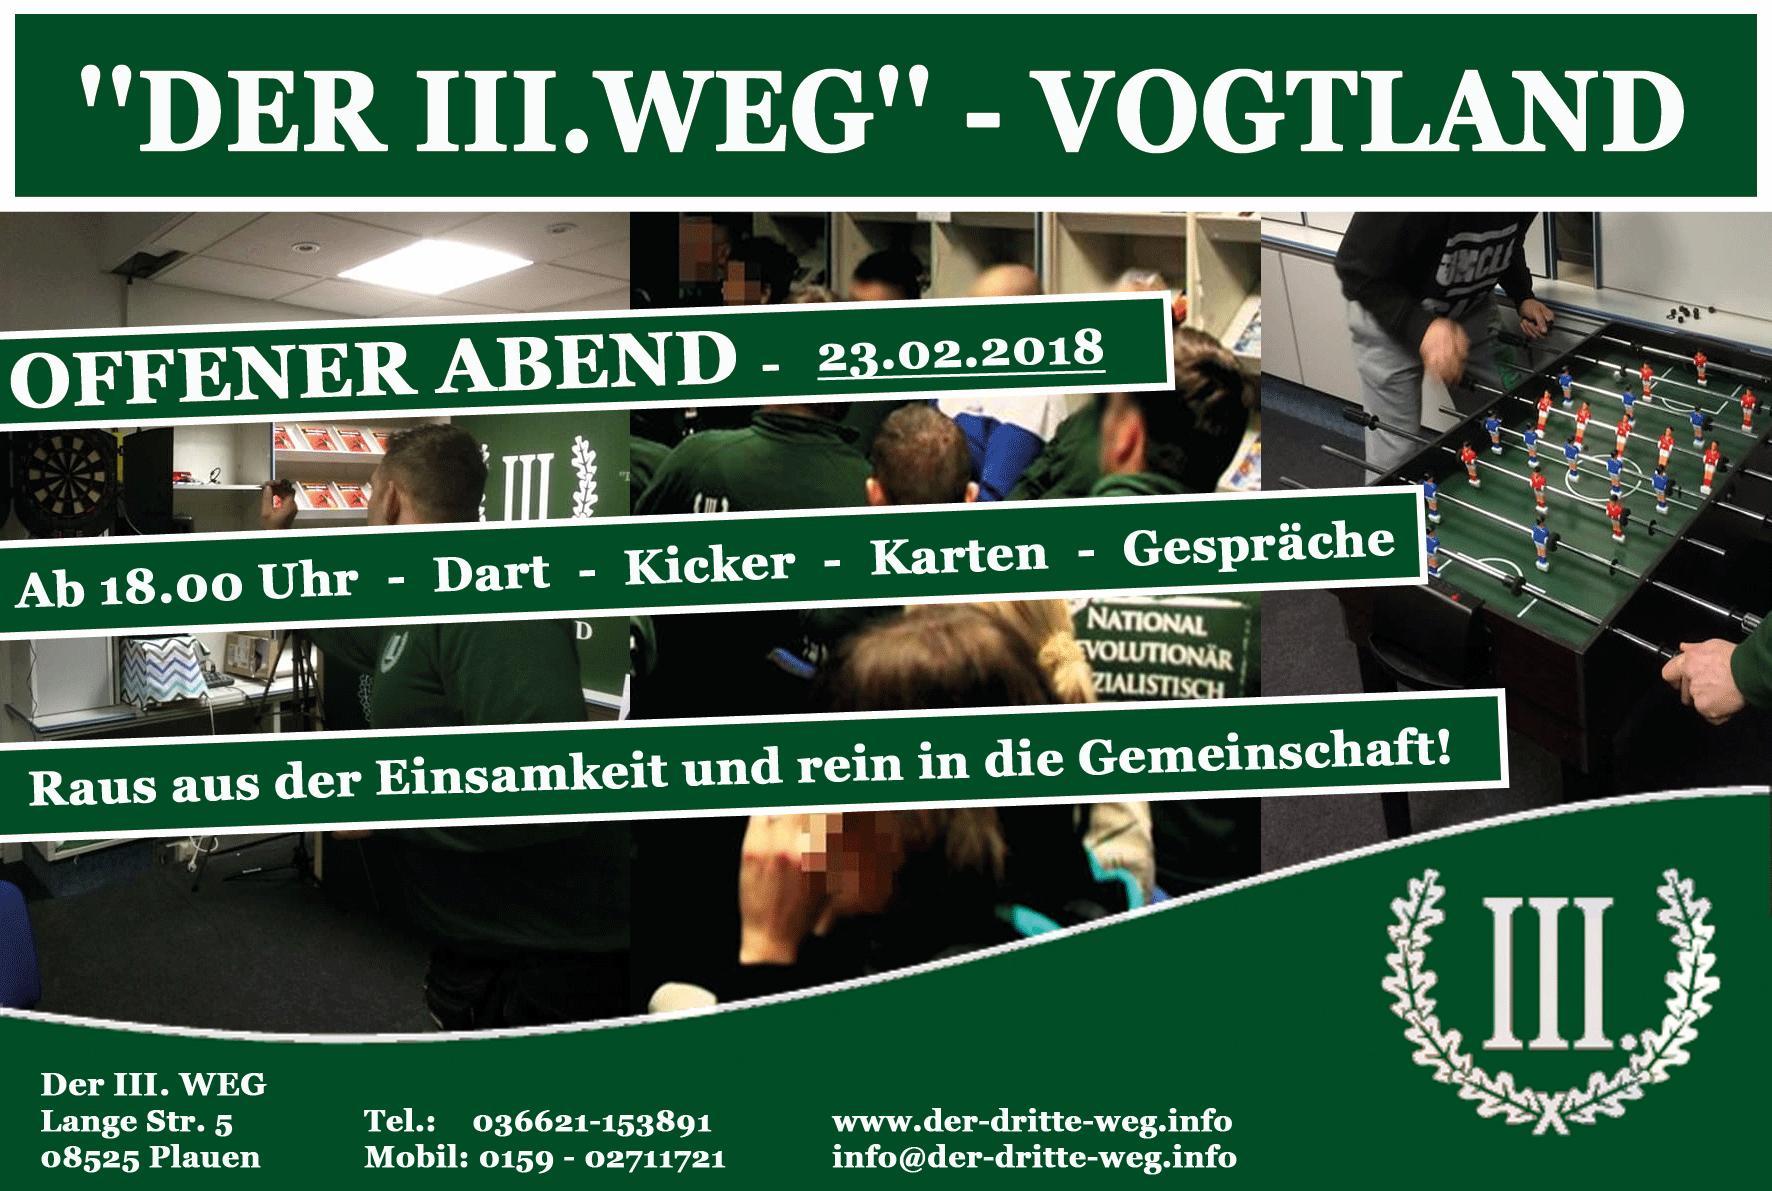 """Freie"""" Presse hetzt über den """"III. Weg"""" – Unzensierte Nachrichten ..."""